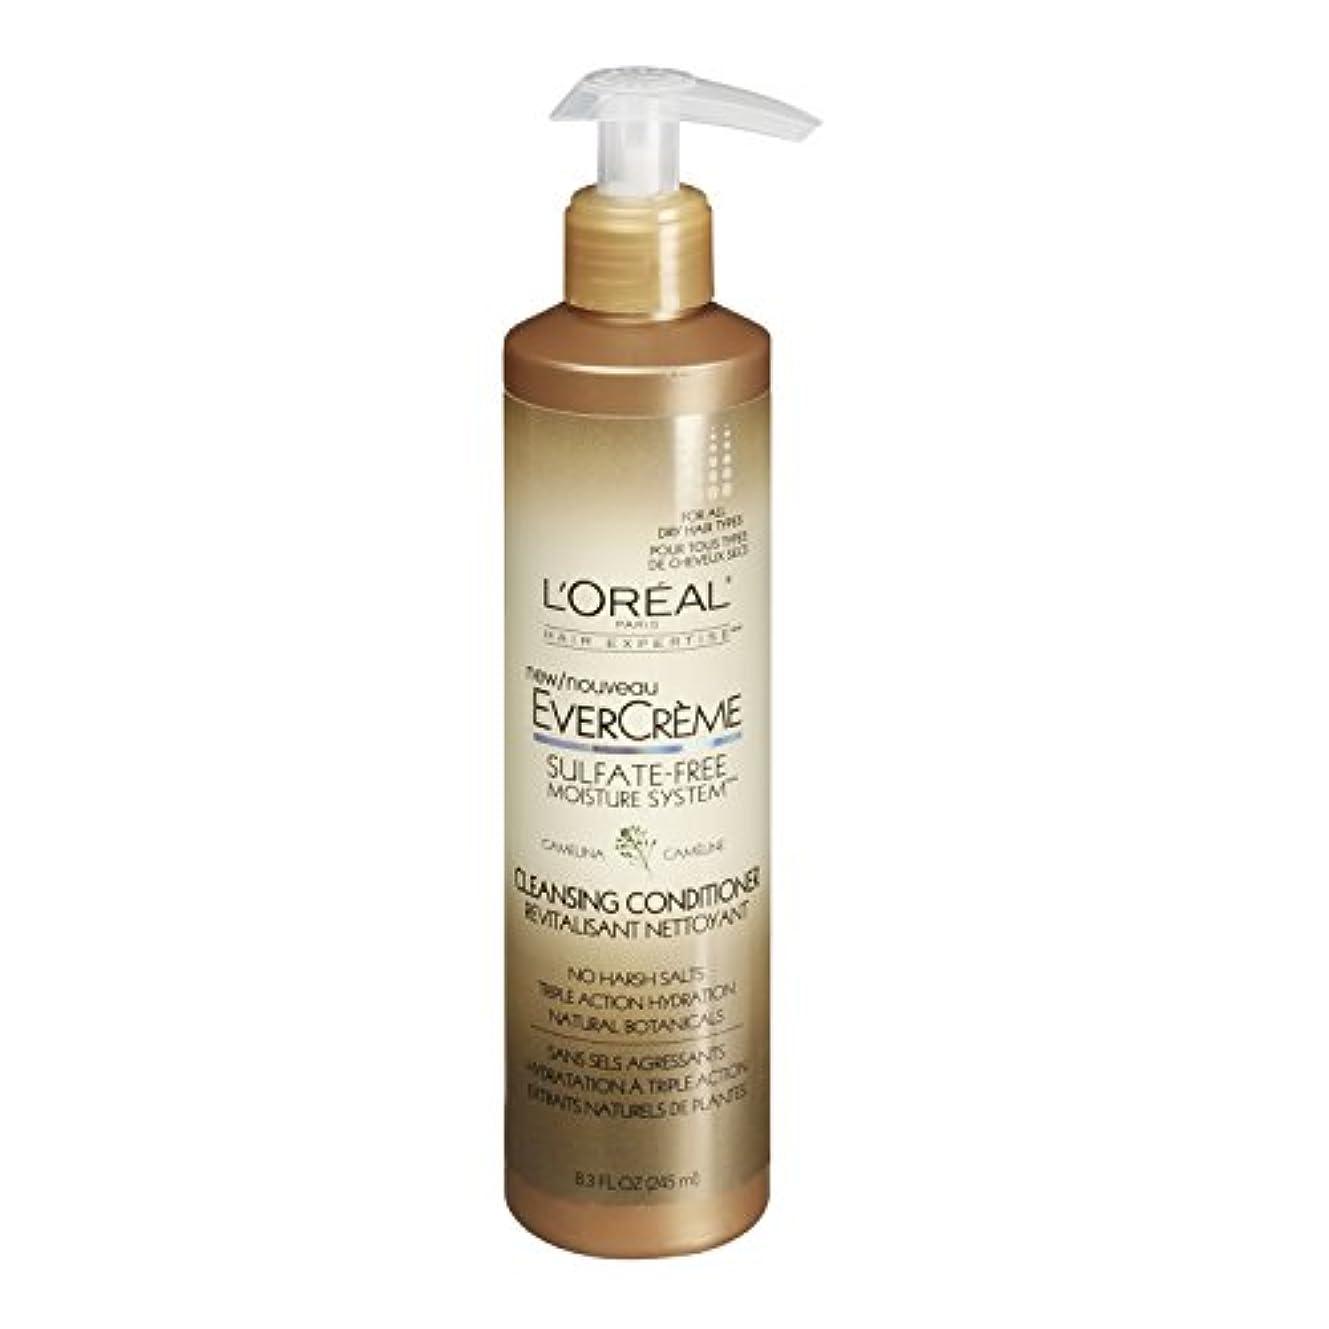 やけどいたずらな再集計L'Oreal Paris EverCreme Sulfate-Free Moisture System Cleansing Conditioner, 8.3 fl. Oz. by L'Oreal Paris Hair...